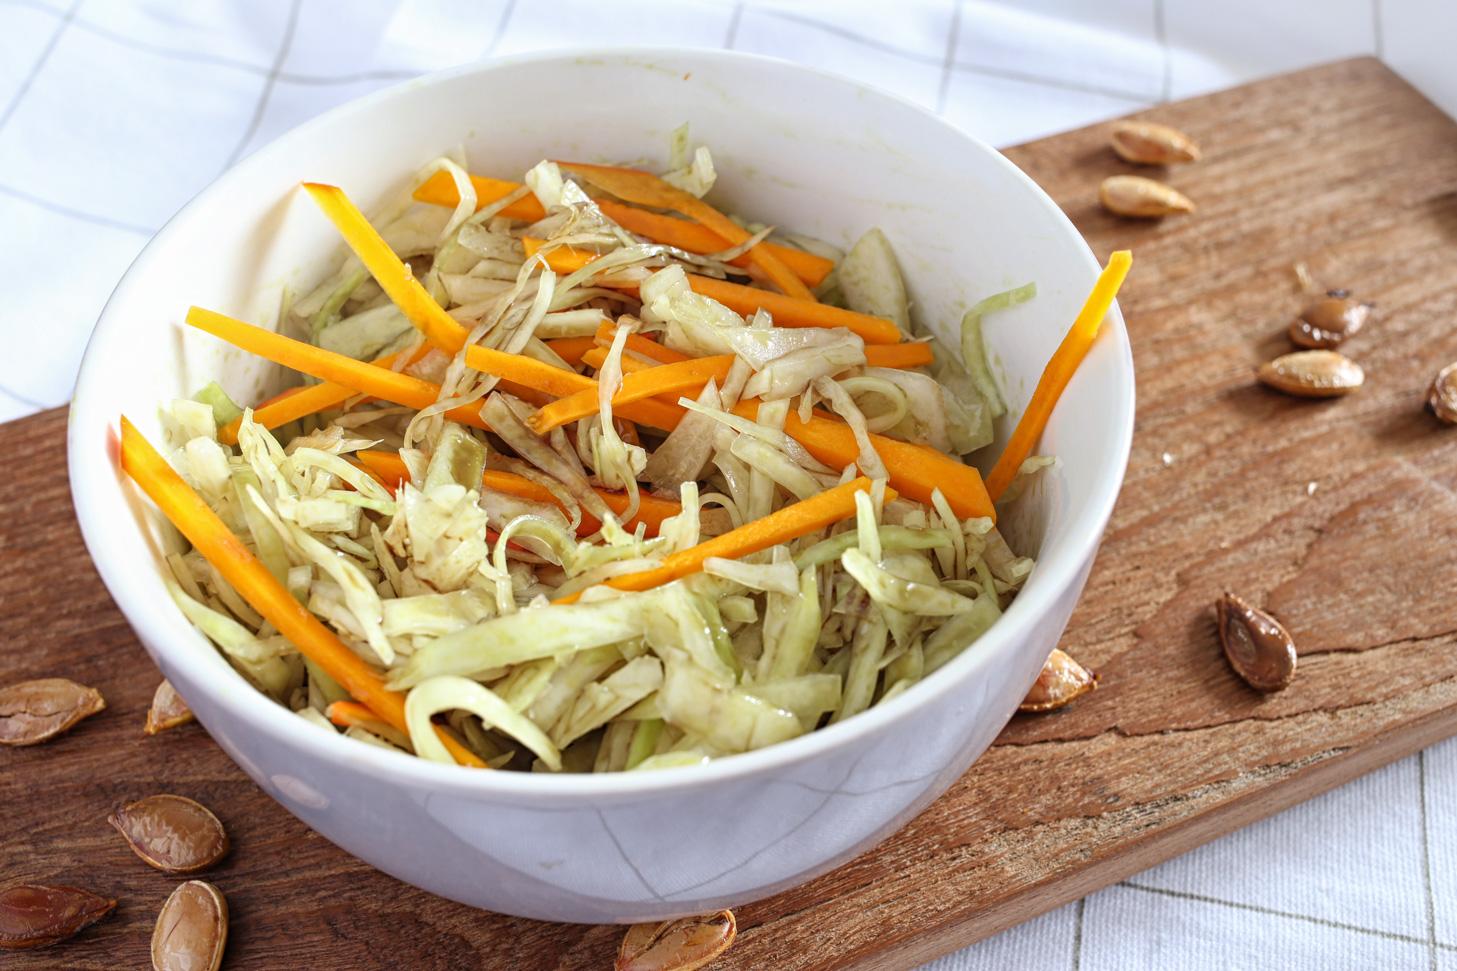 kuerbis-coleslaw